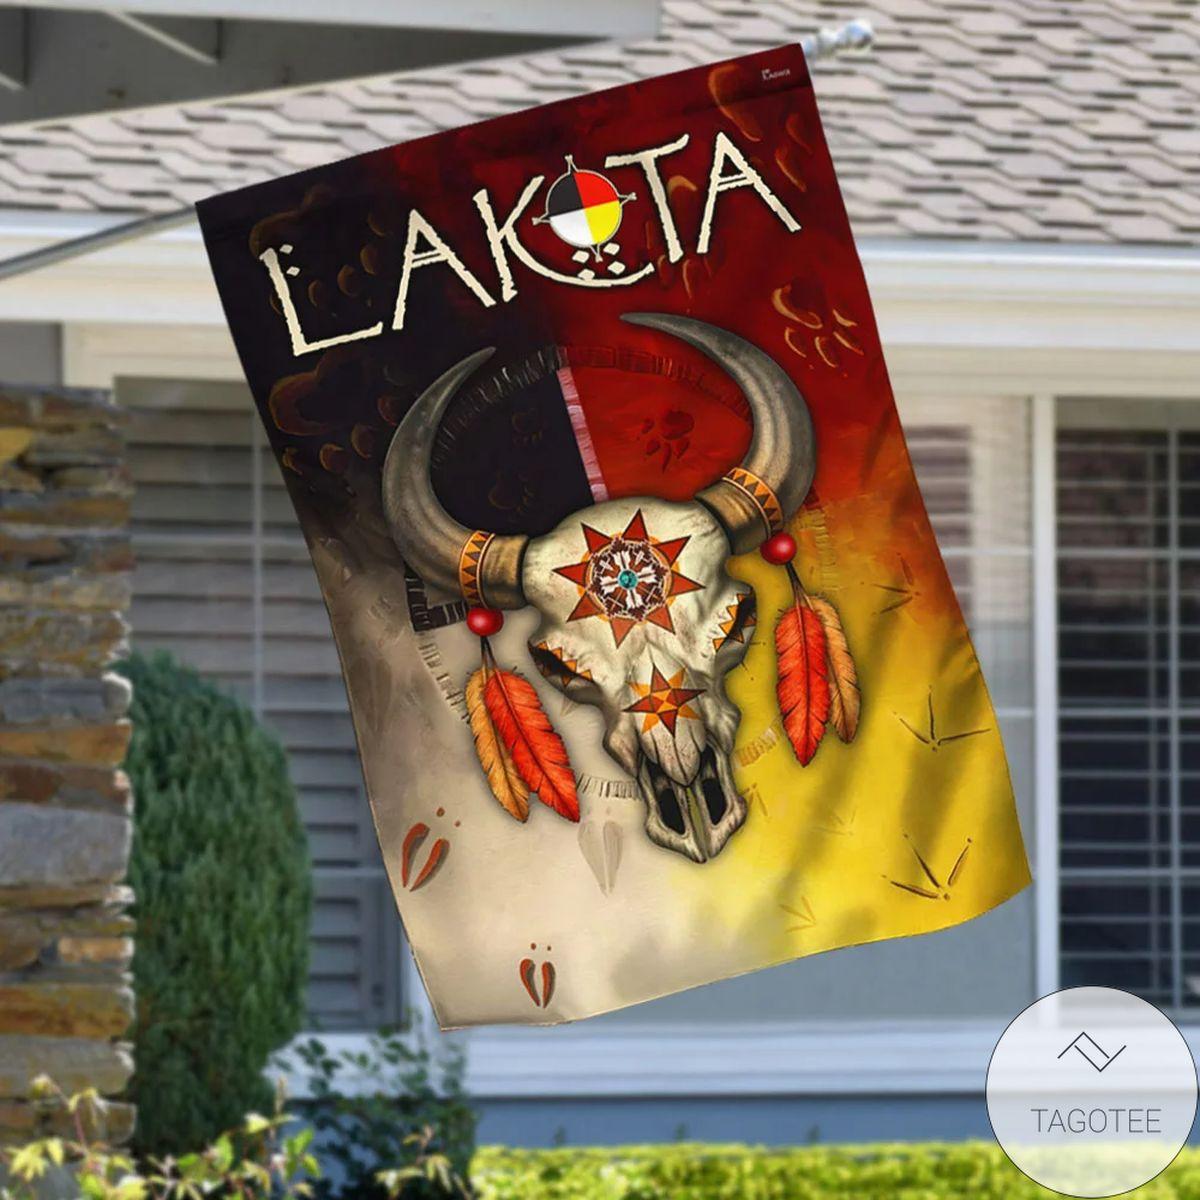 Native American Flag Lakota Native American Flag